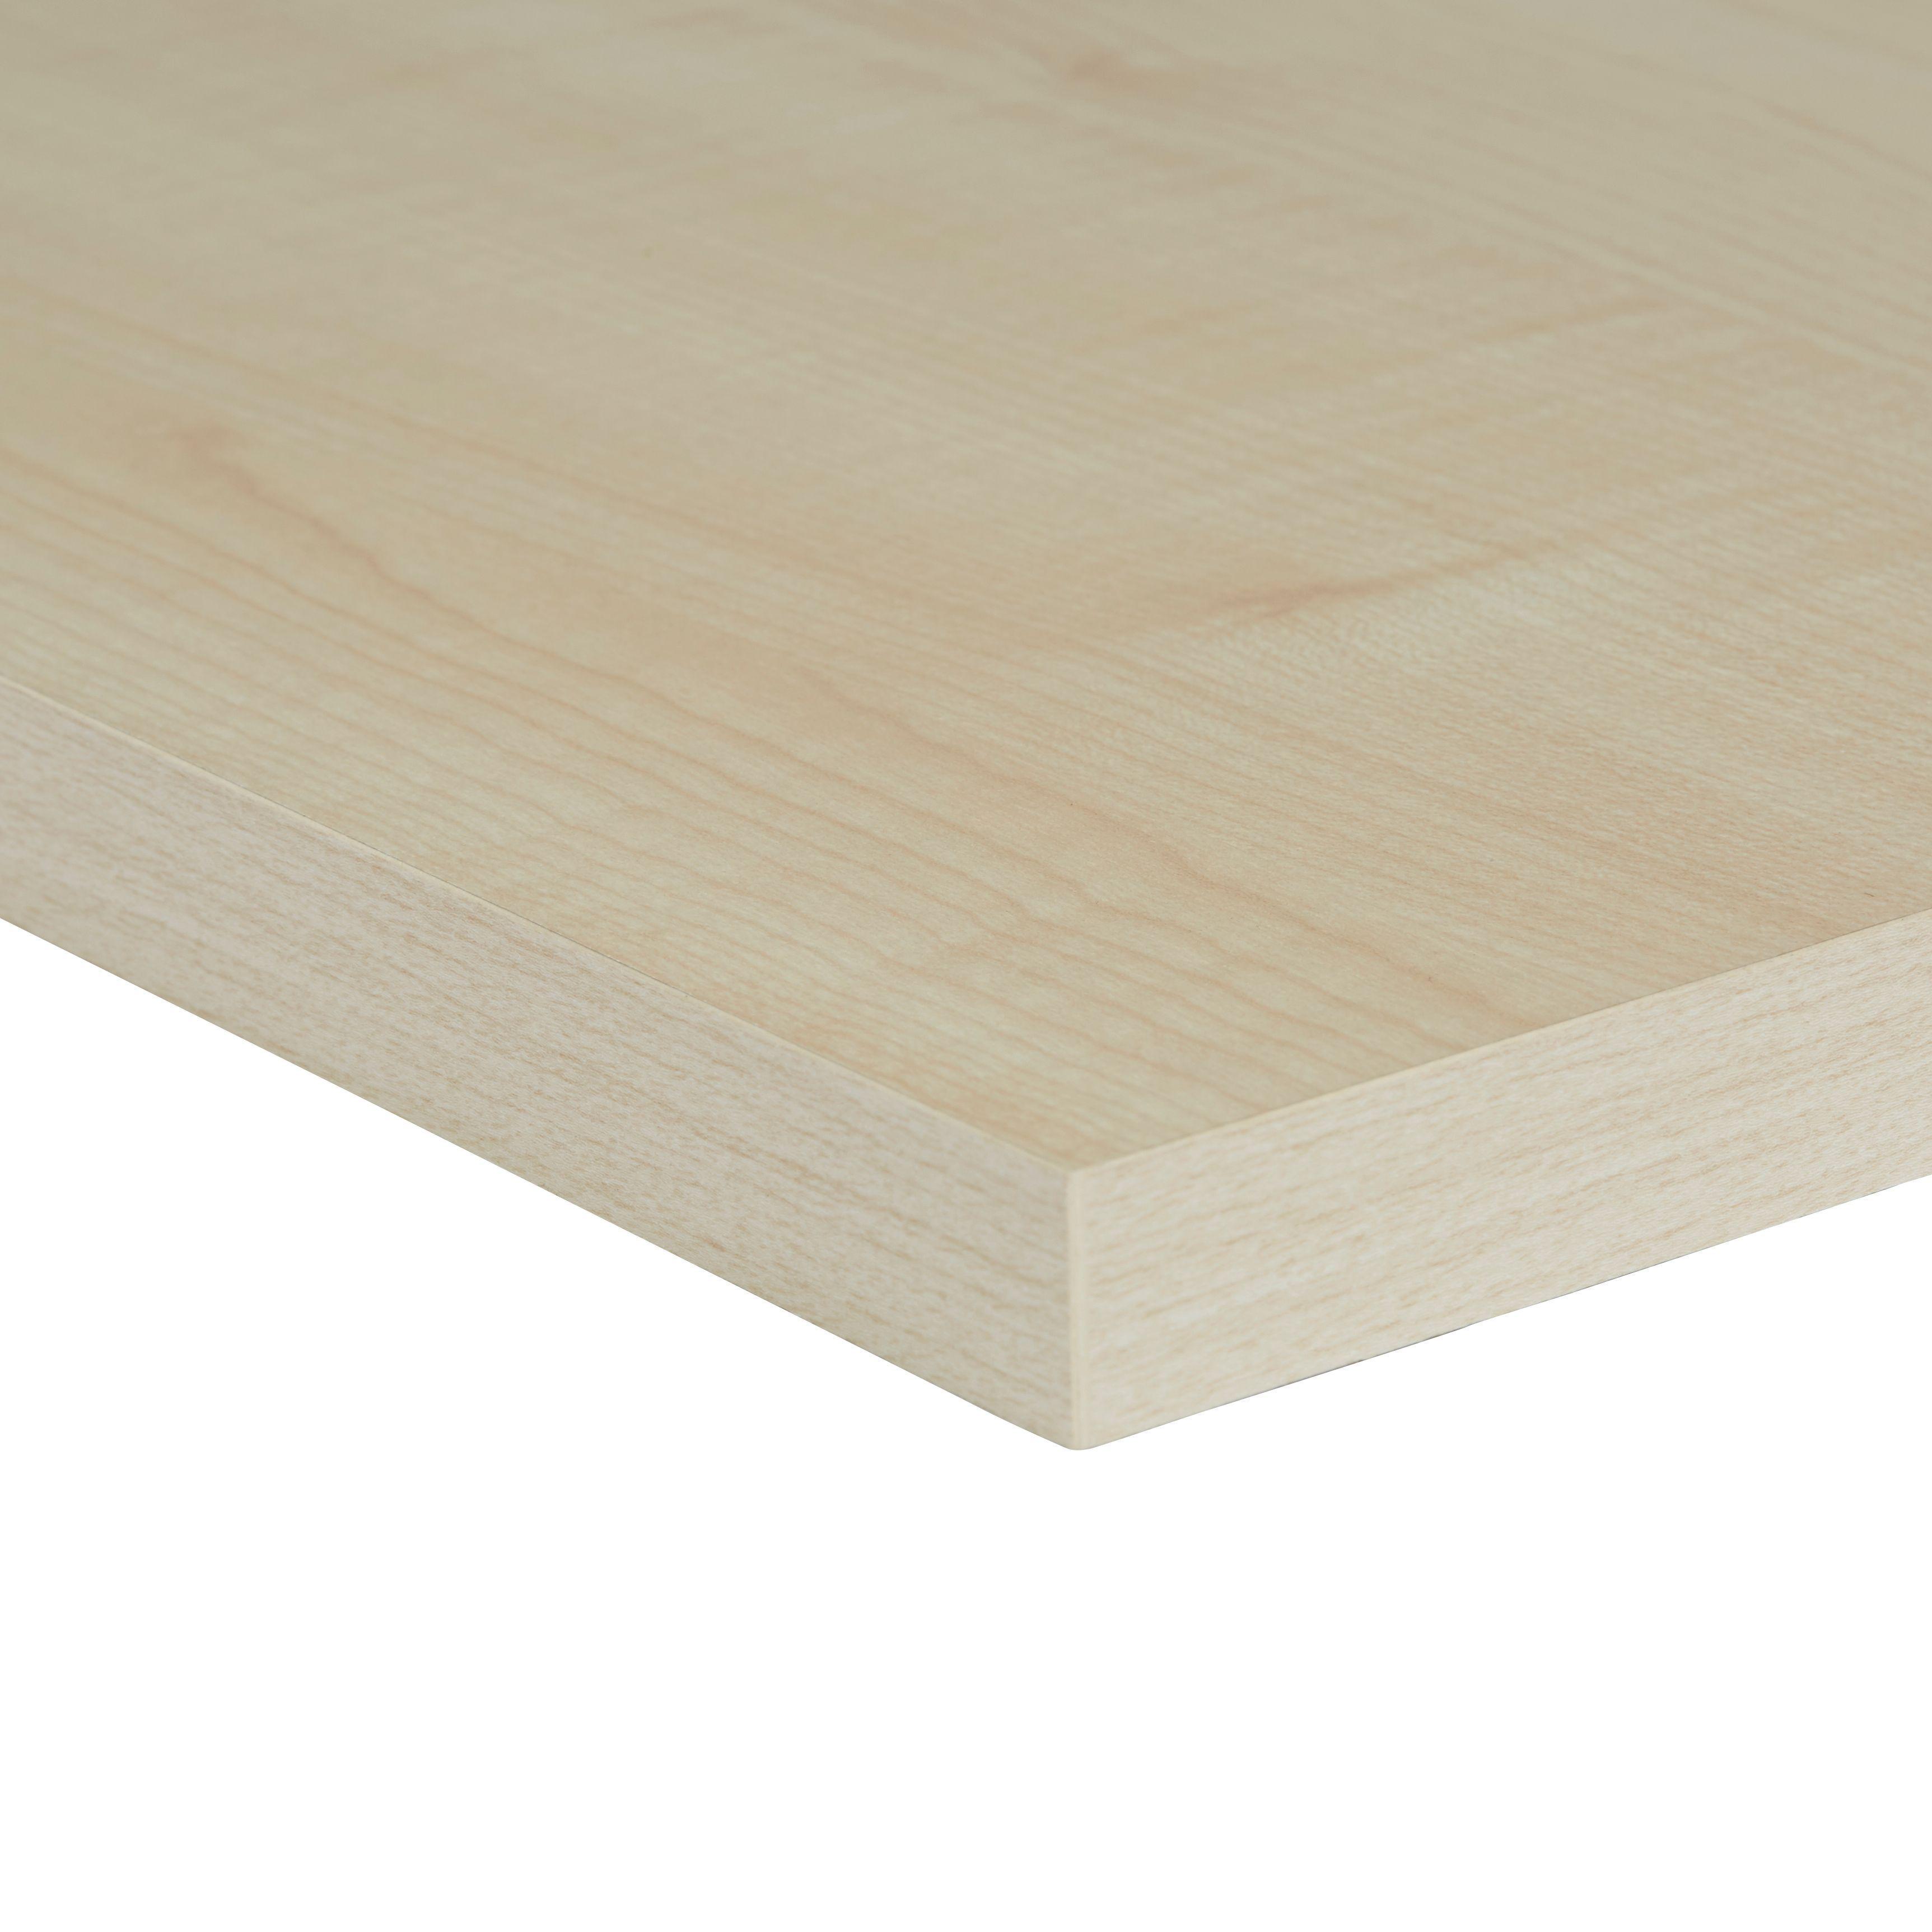 Chipboard Maple Furniture Board L 800mm W 400mm T 18mm